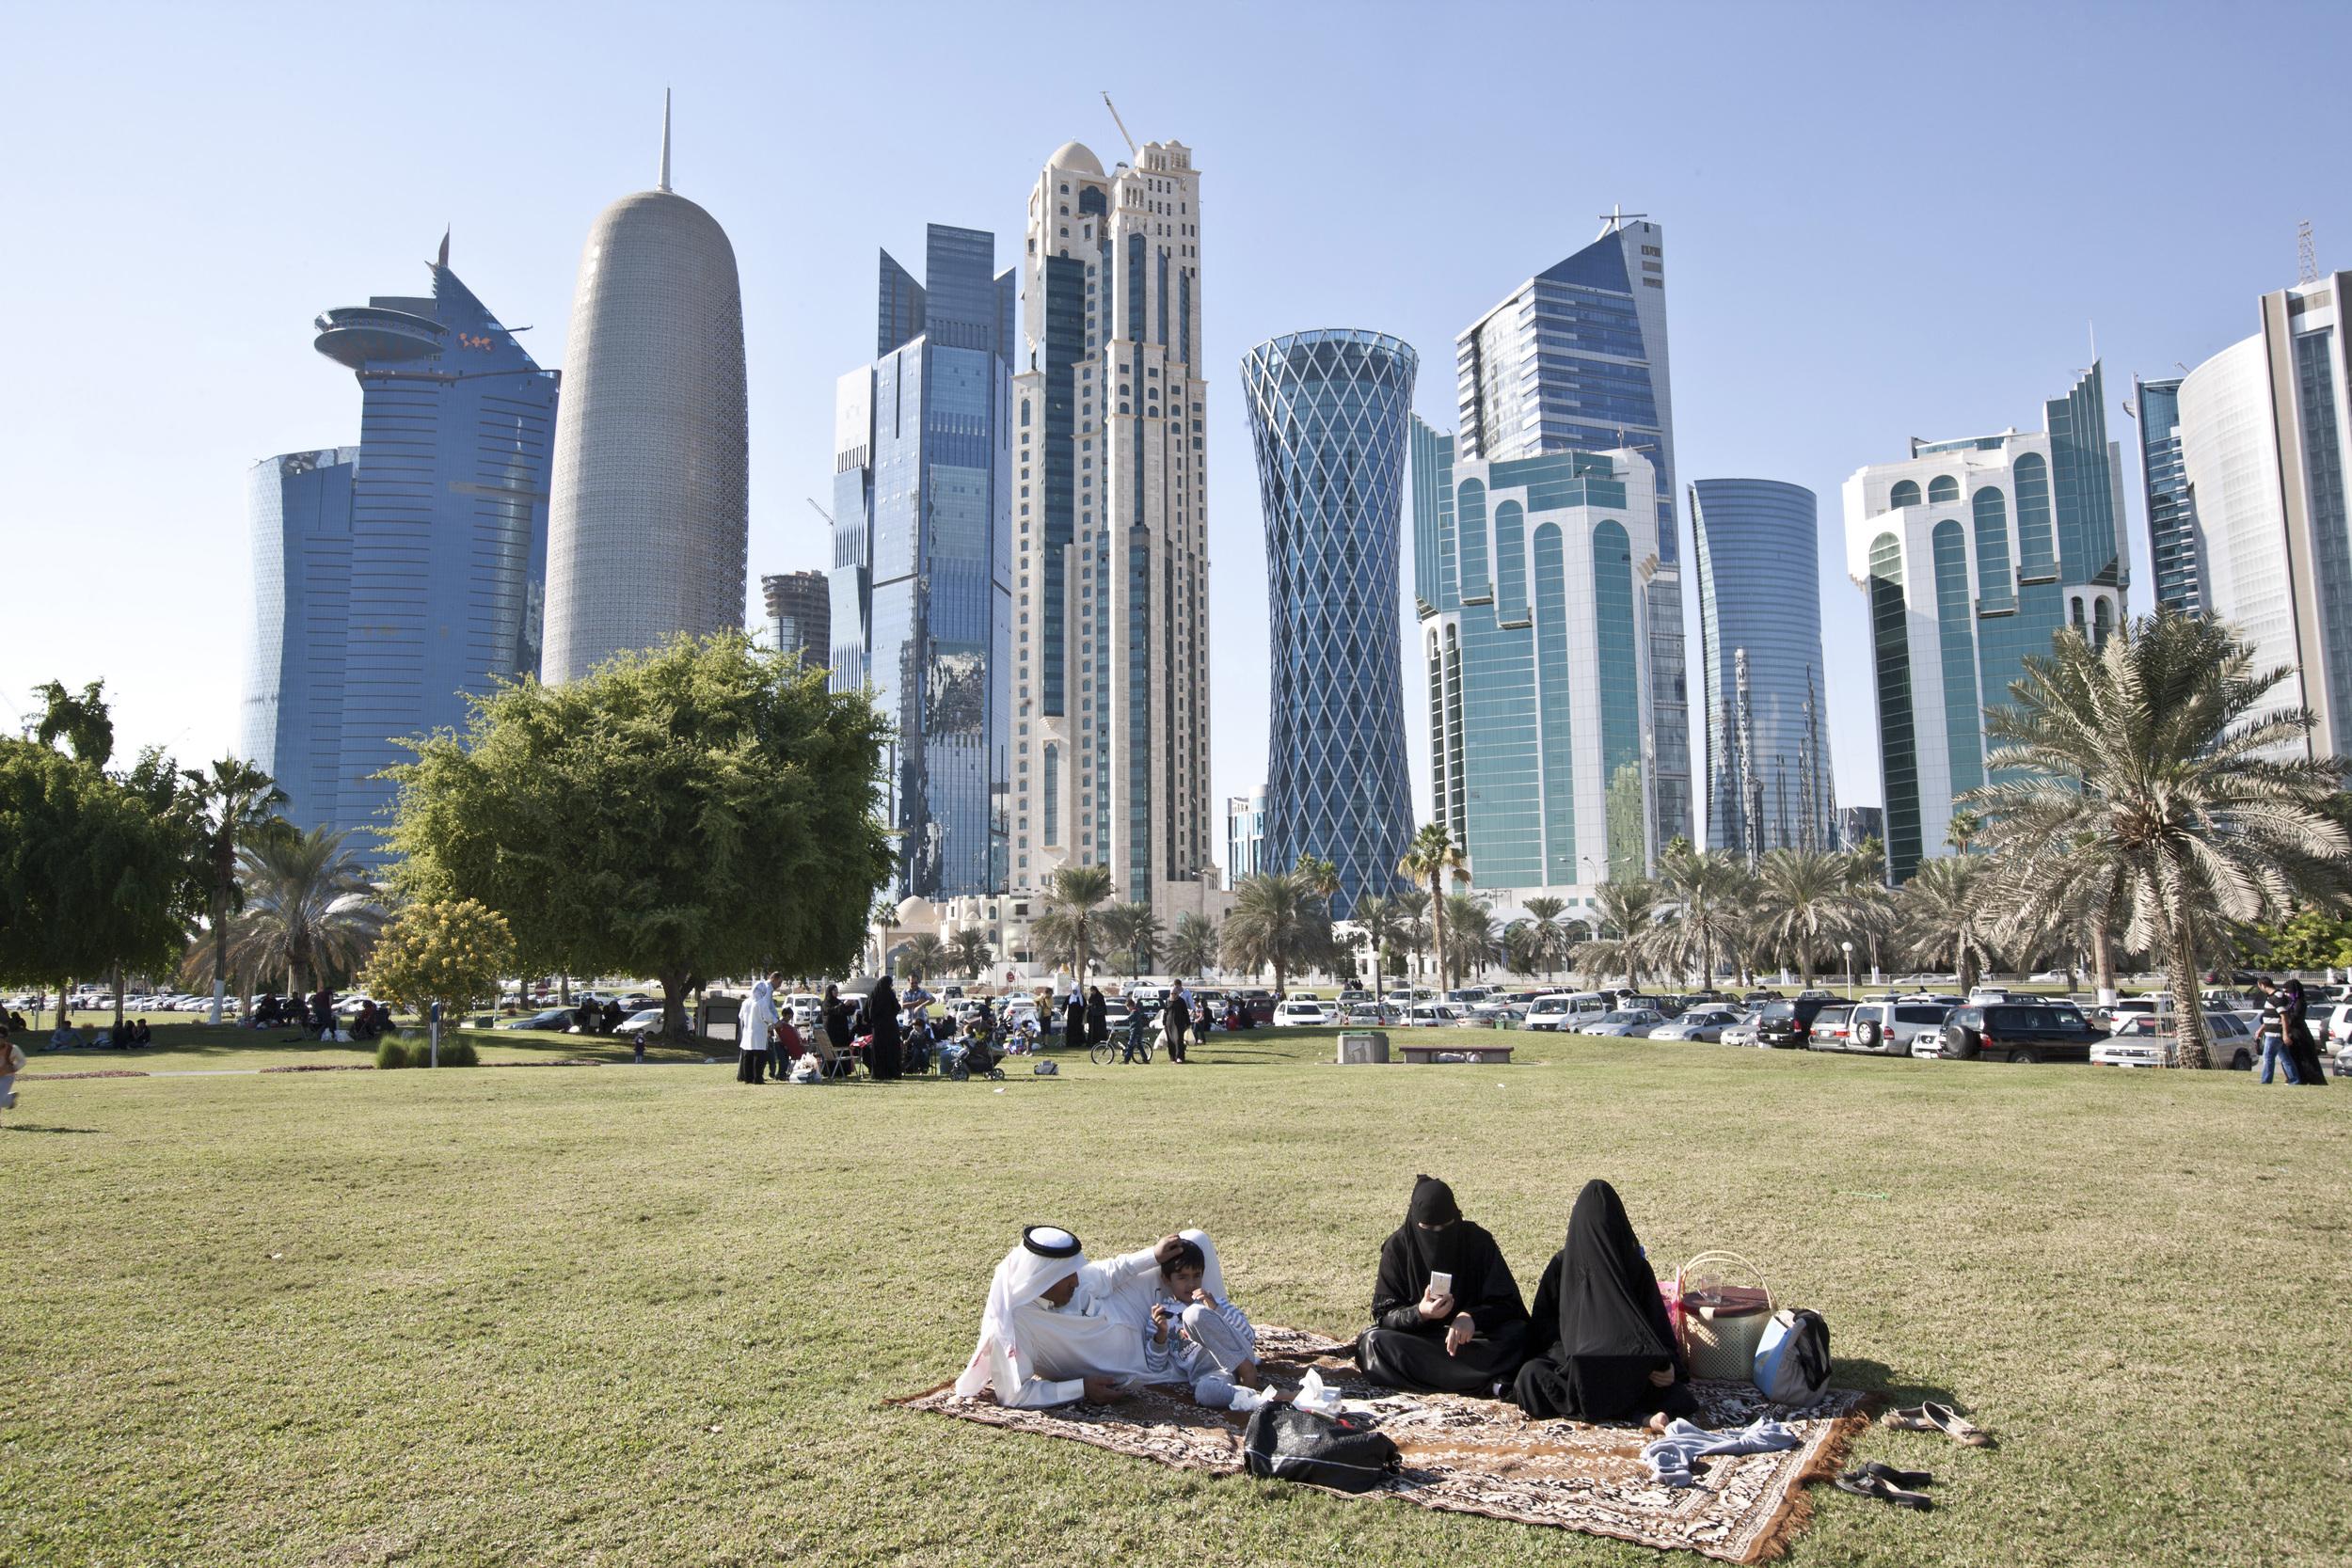 Doha, Qatar. Une famille qatari fait un pique-nique dans le district financier. © Matilde Gattoni / Novembre 2014